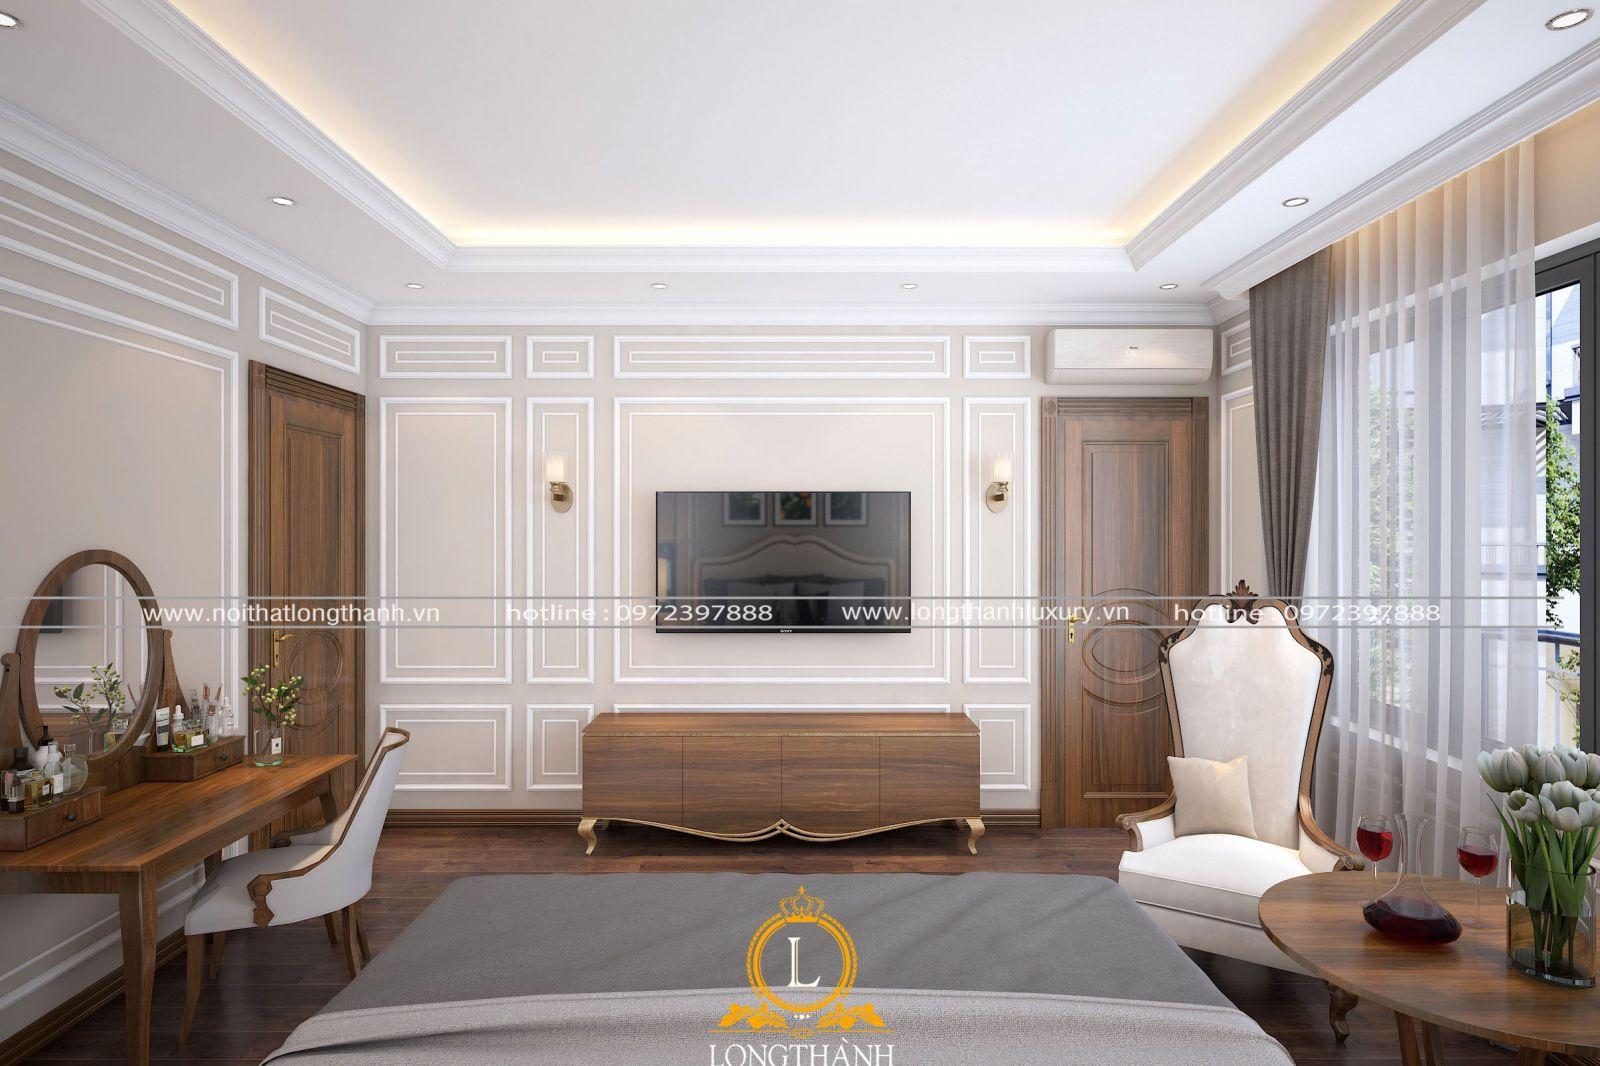 Kệ tivi và bàn trà được tích hợp trong phòng ngủ